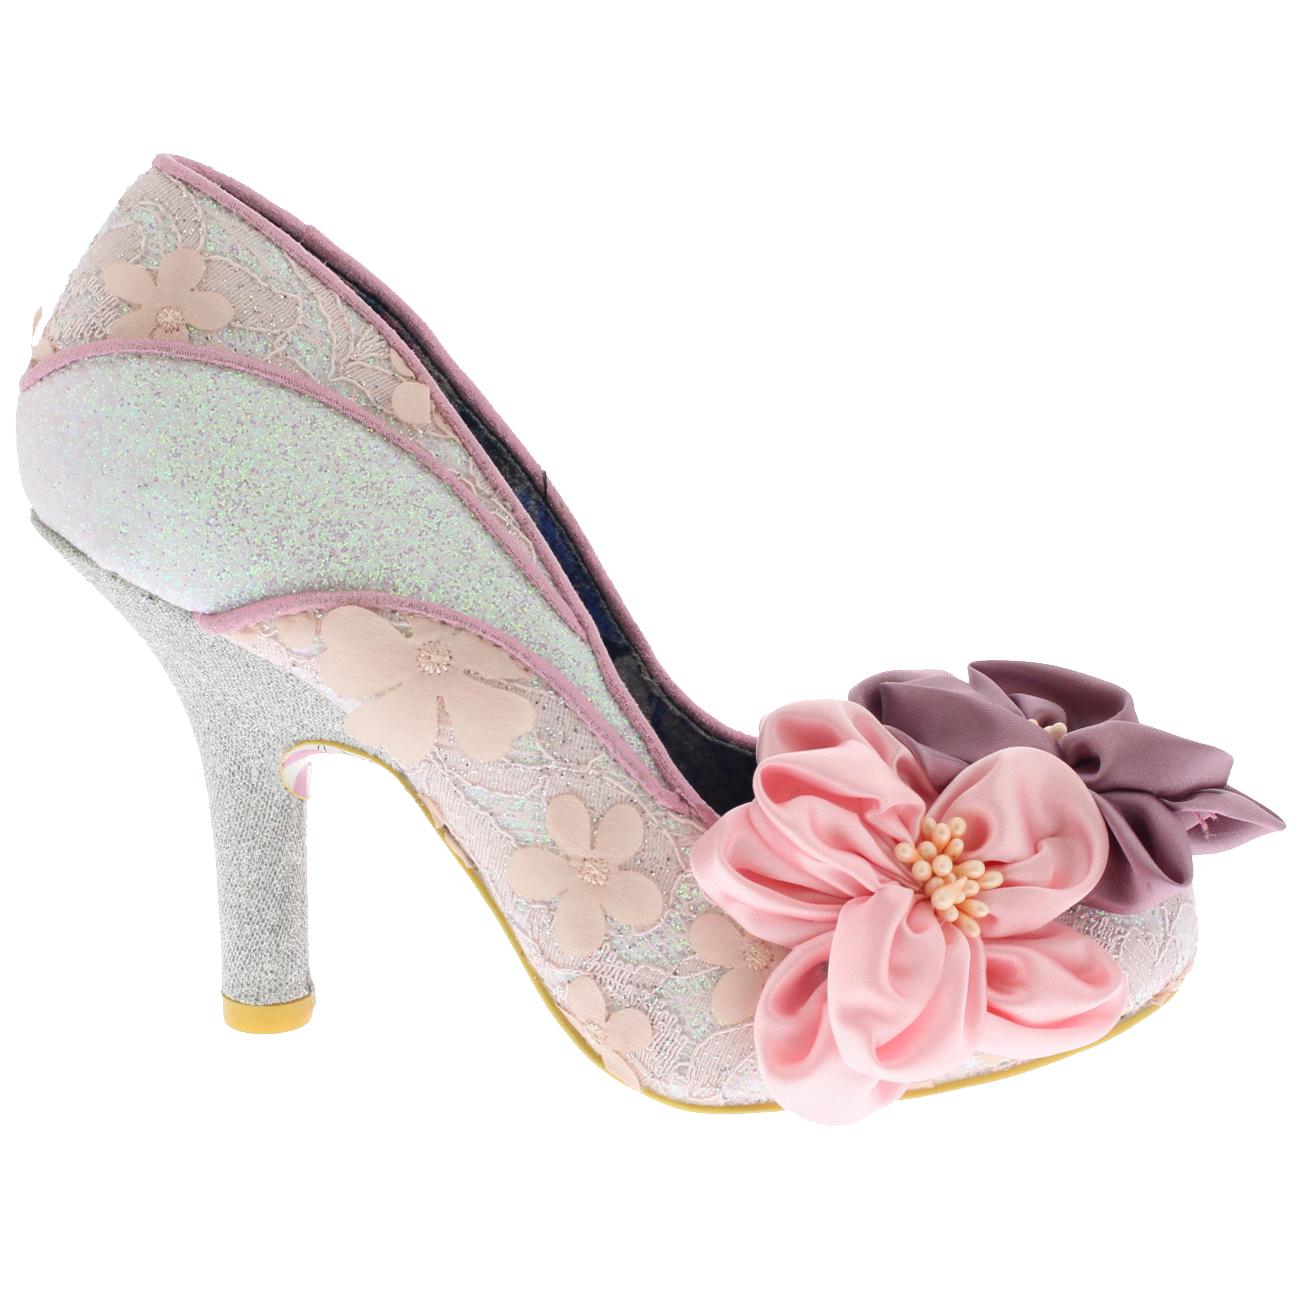 mesdames les choix peach soirée melba une soirée peach cour chaussures talons toutes tailles 061d8e